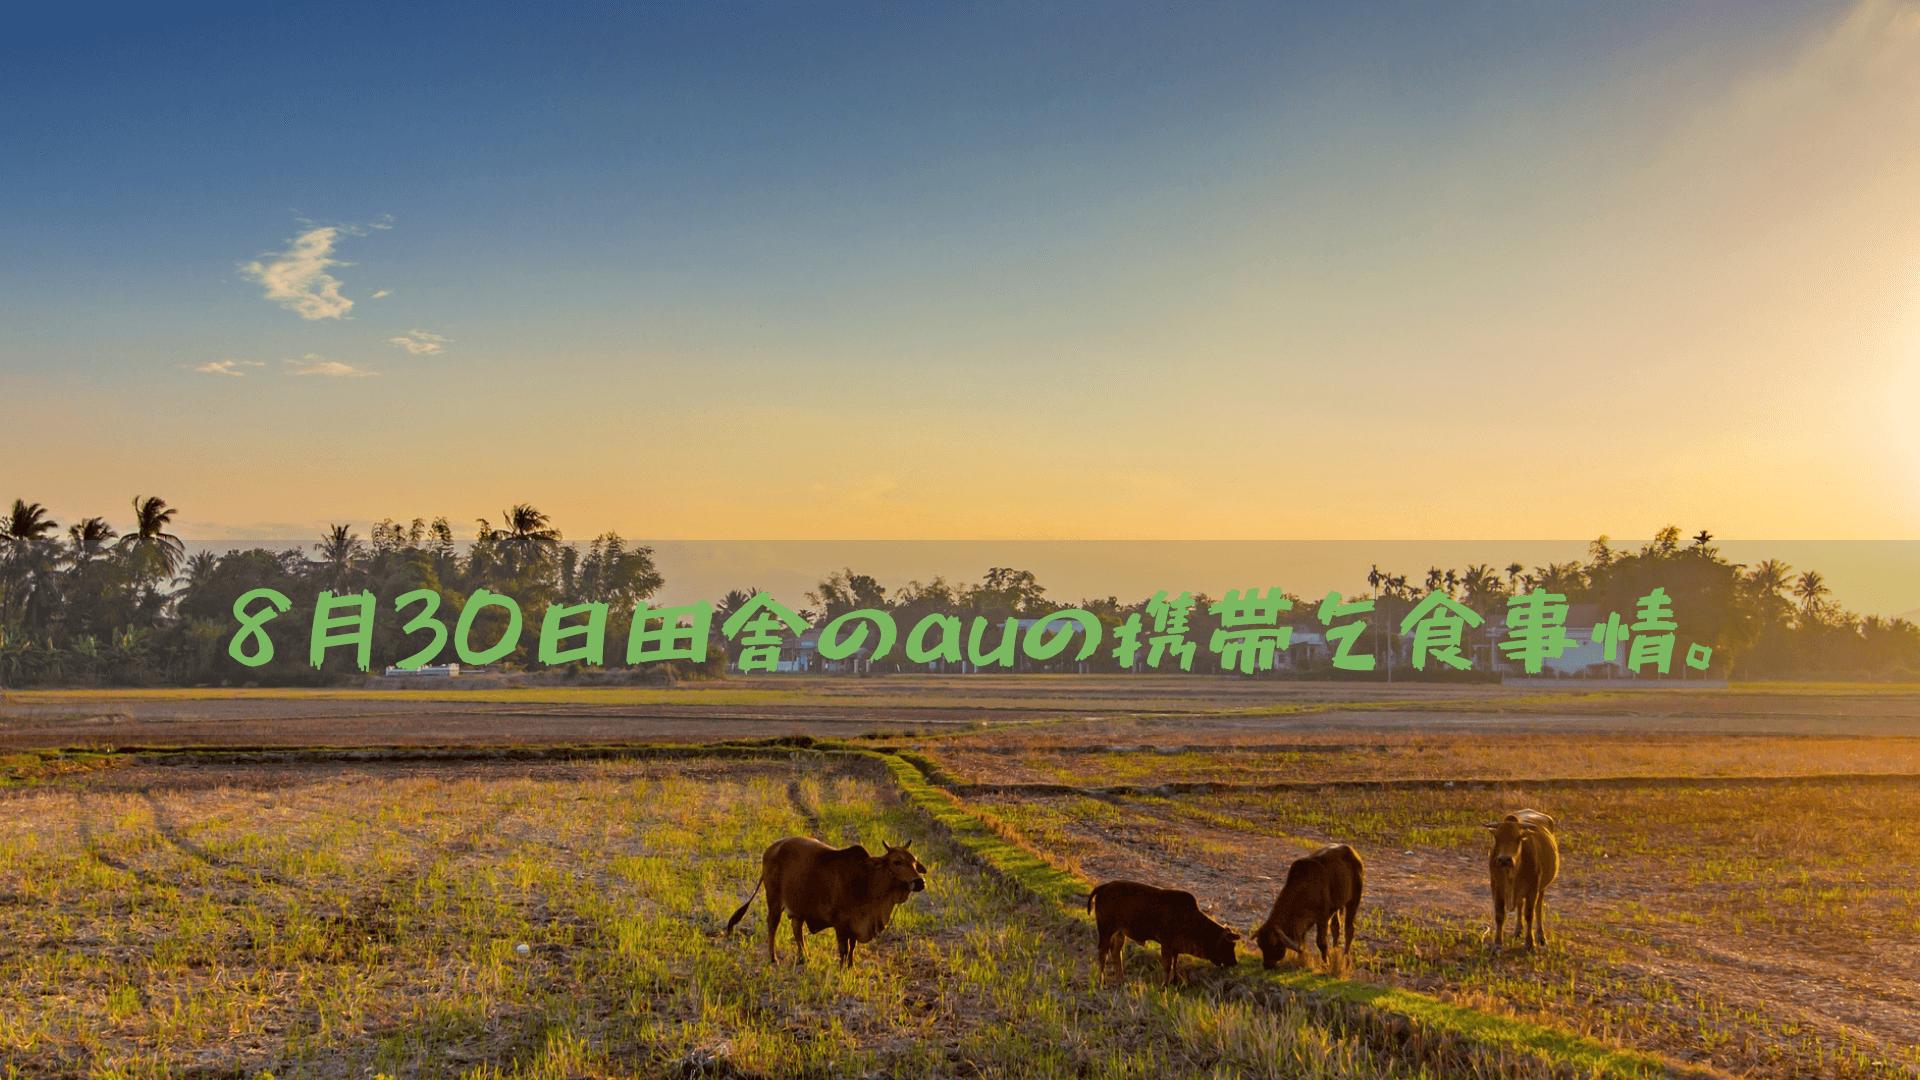 8月30日田舎のauの携帯乞食事情。